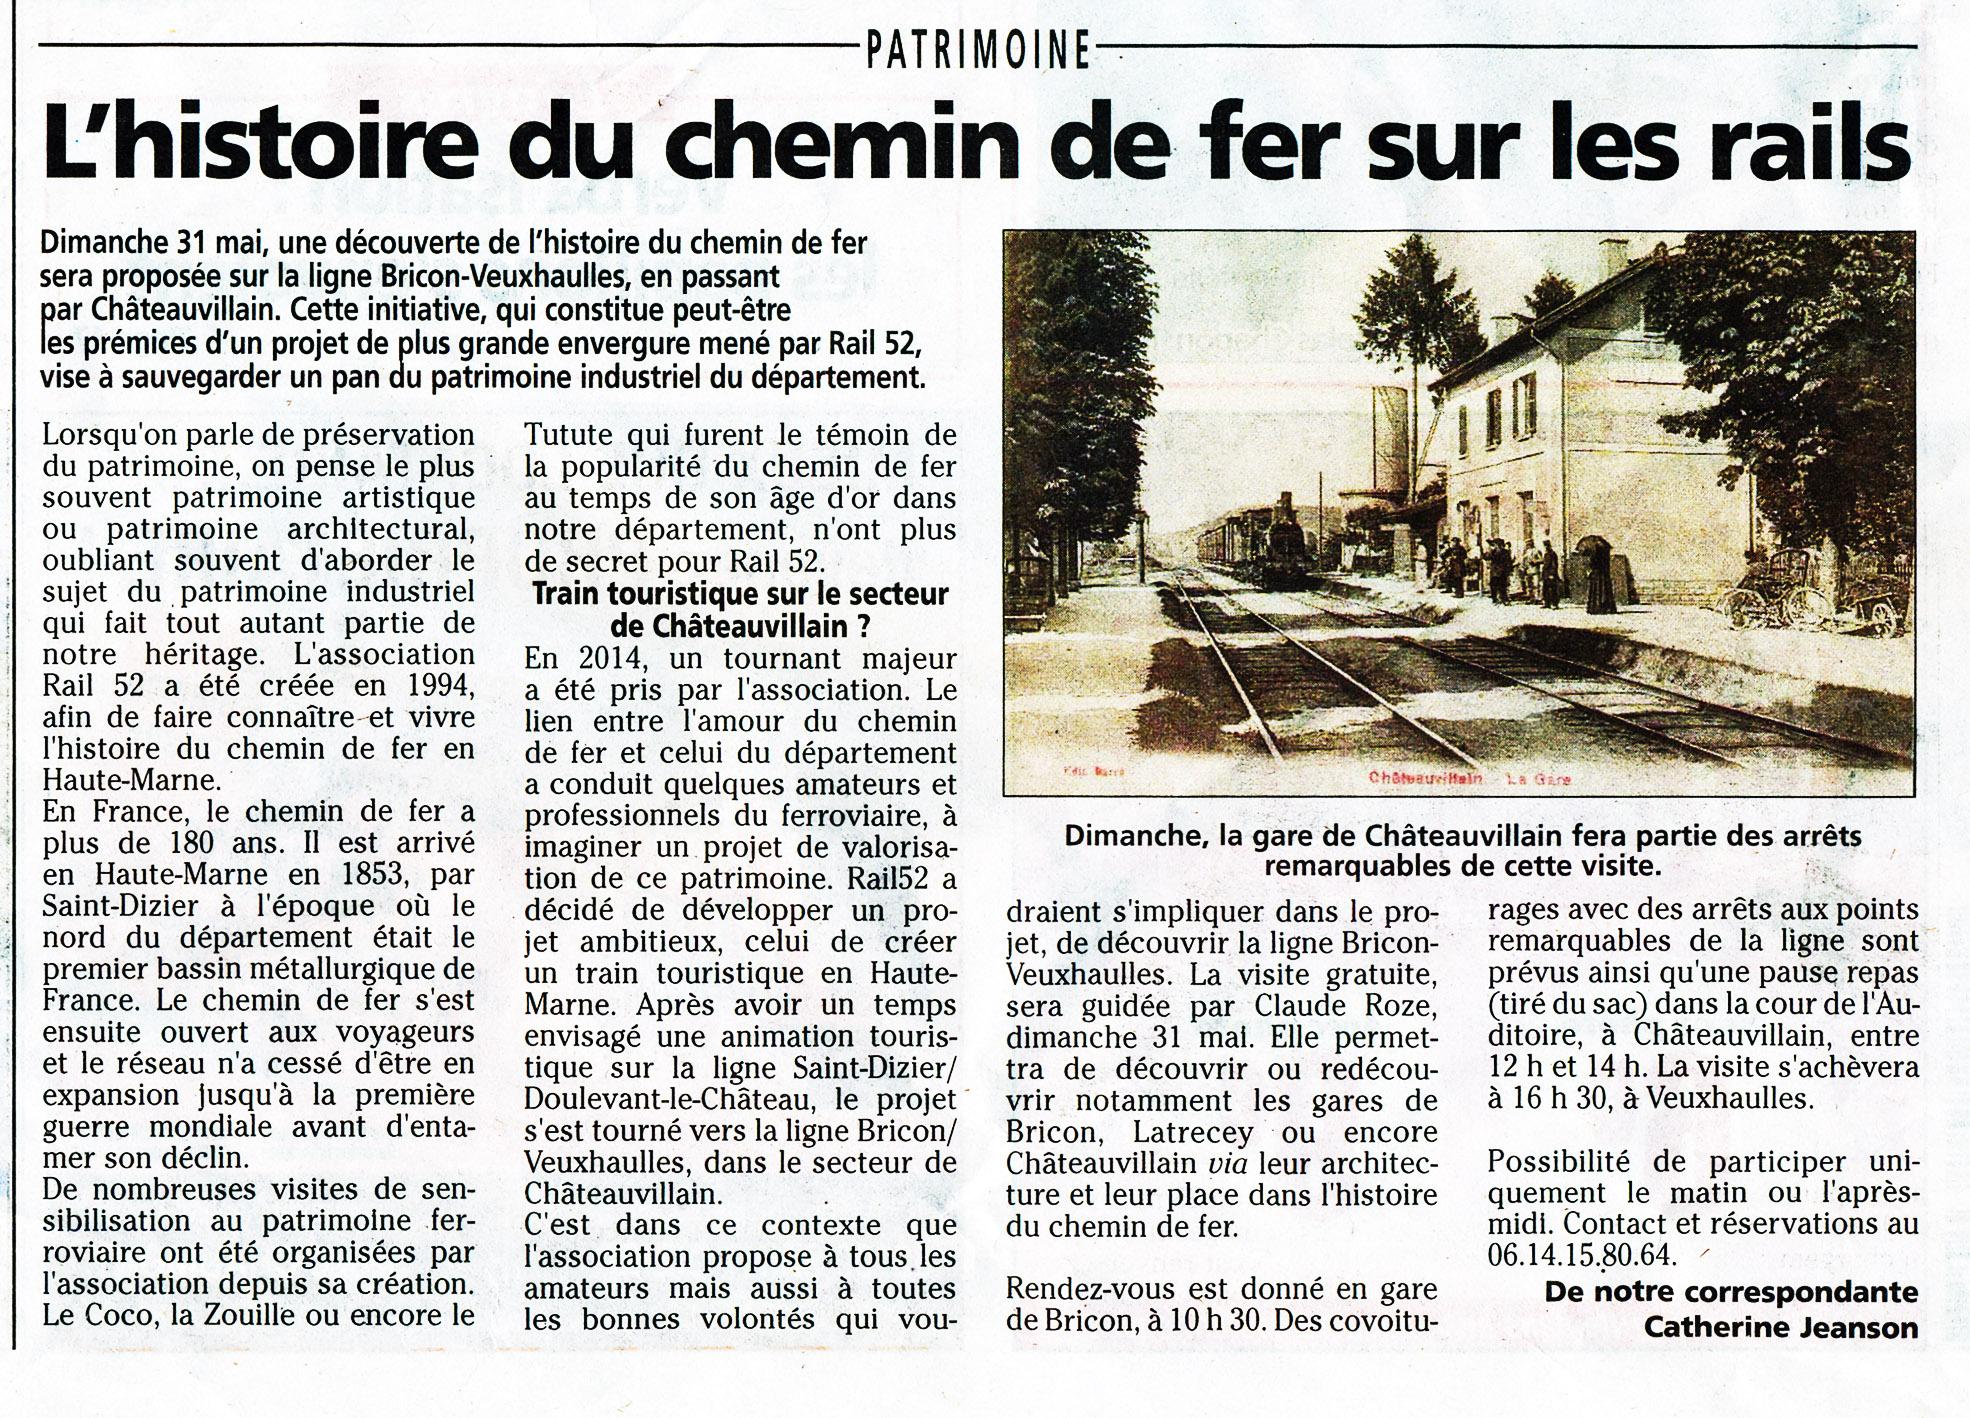 Annonce Visite Bricon - Vheuxhaulles